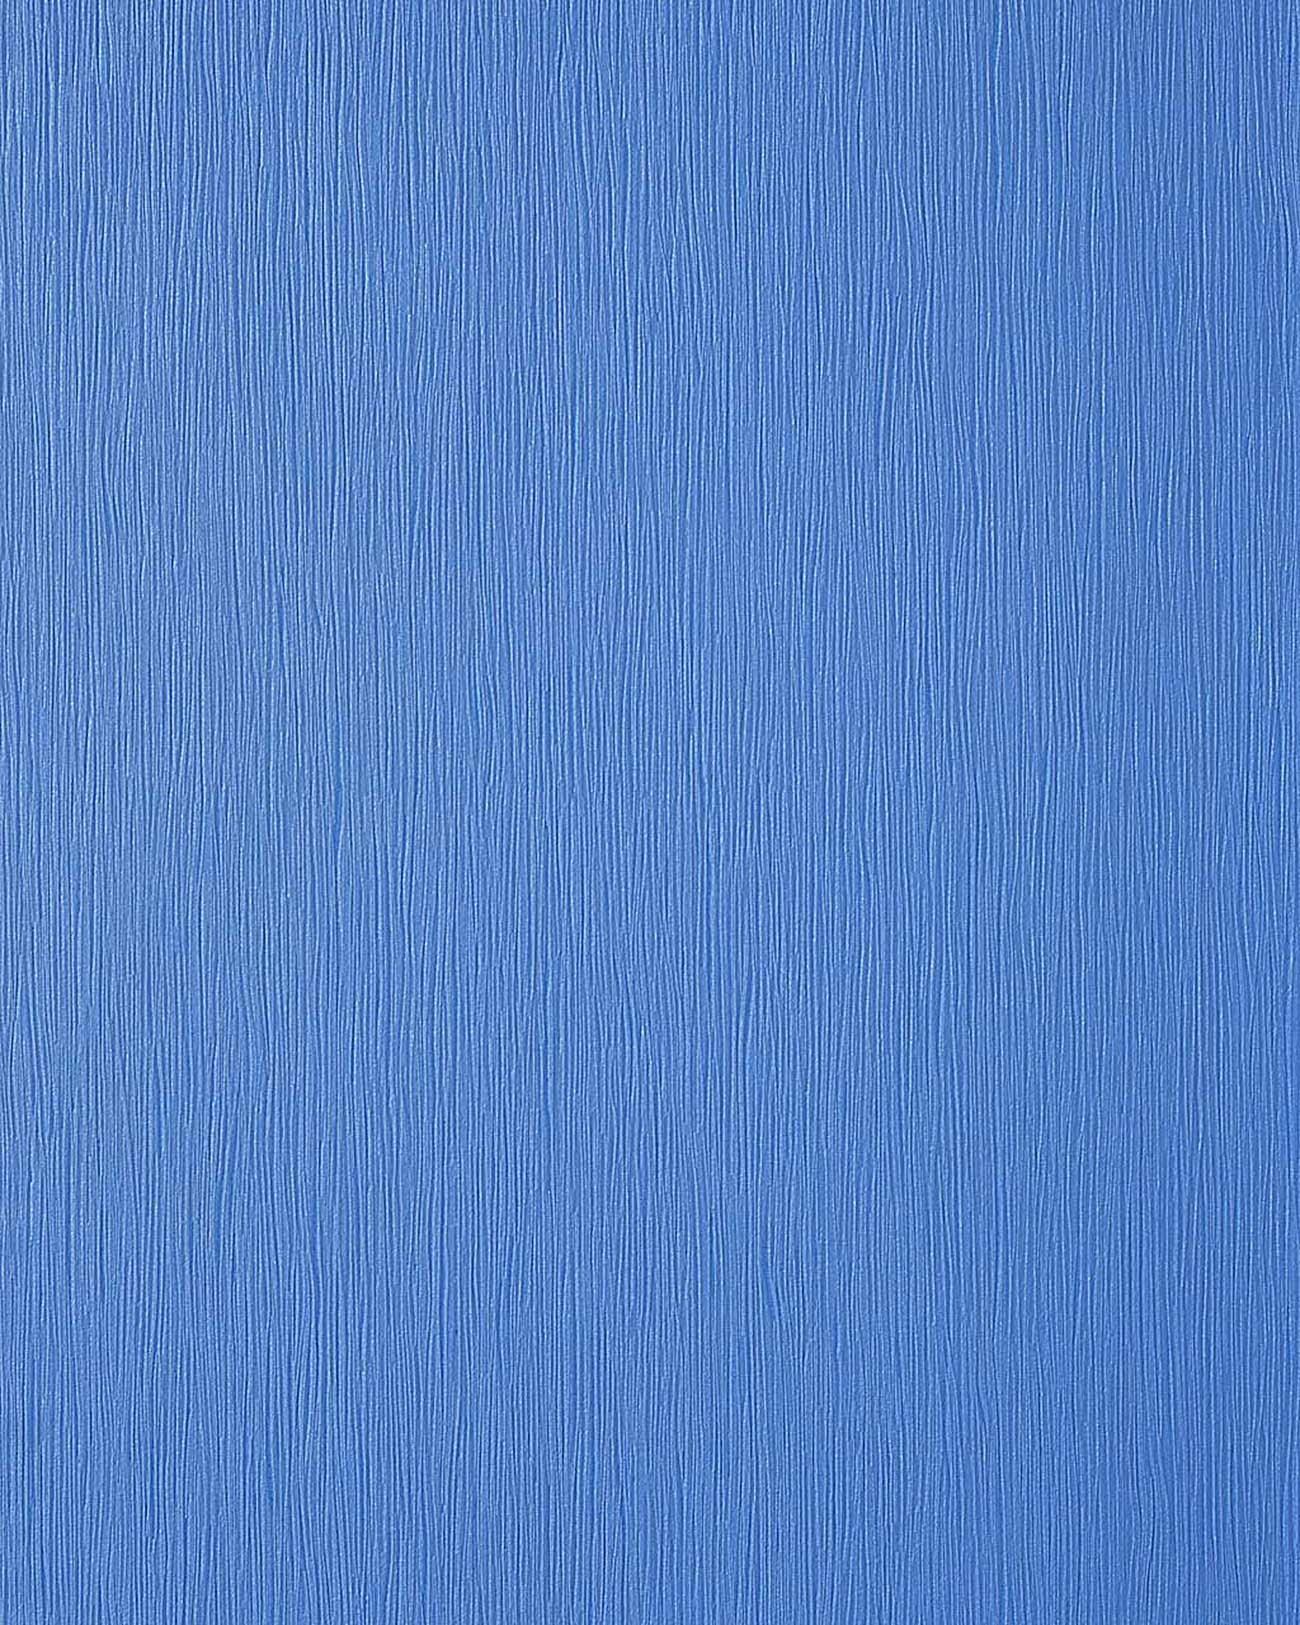 Papel pintado con textura a rayas y efecto perla edem 118 22 en azul violeta perlado - Papel pintado con textura ...